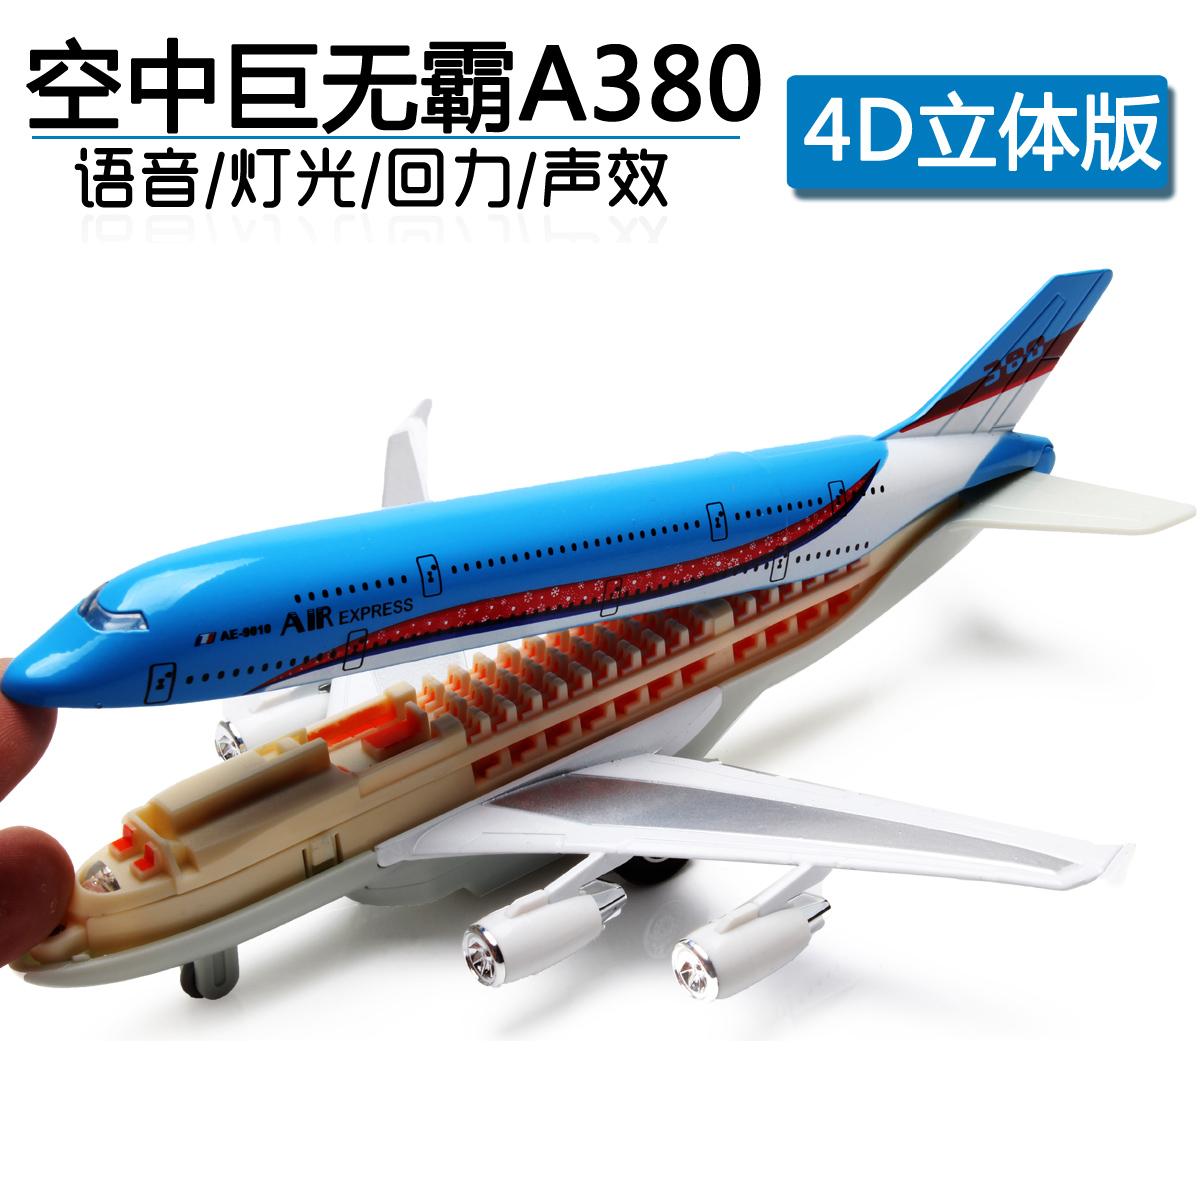 蒂雅多 客机模型合金空客A380儿童玩具回力飞机模型仿真民航客机